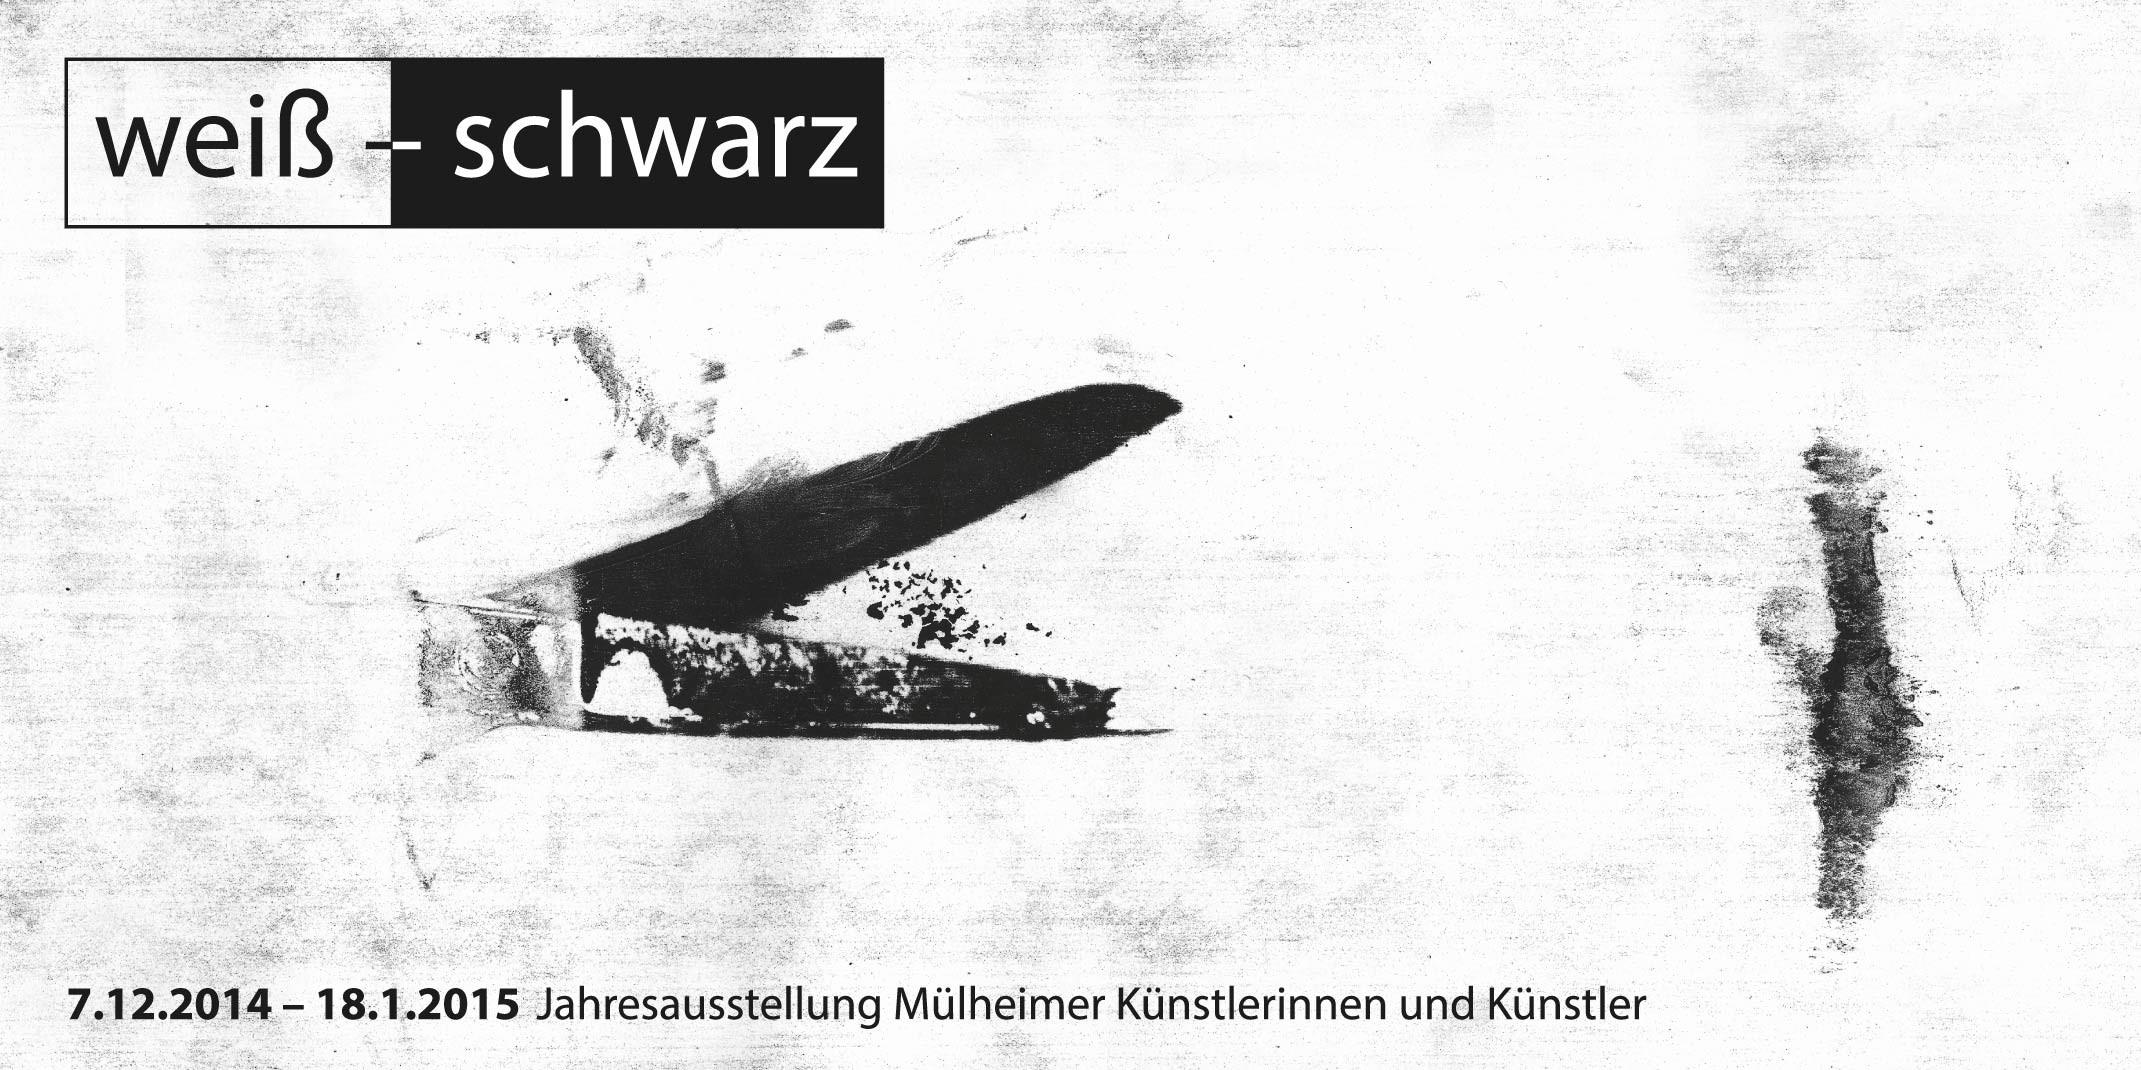 Einladungskarte zur Jahresausstellung Mülheimer Künstlerinnen & Künstler, 7.12.2014 bis 18.1.2015 | Vorderseite